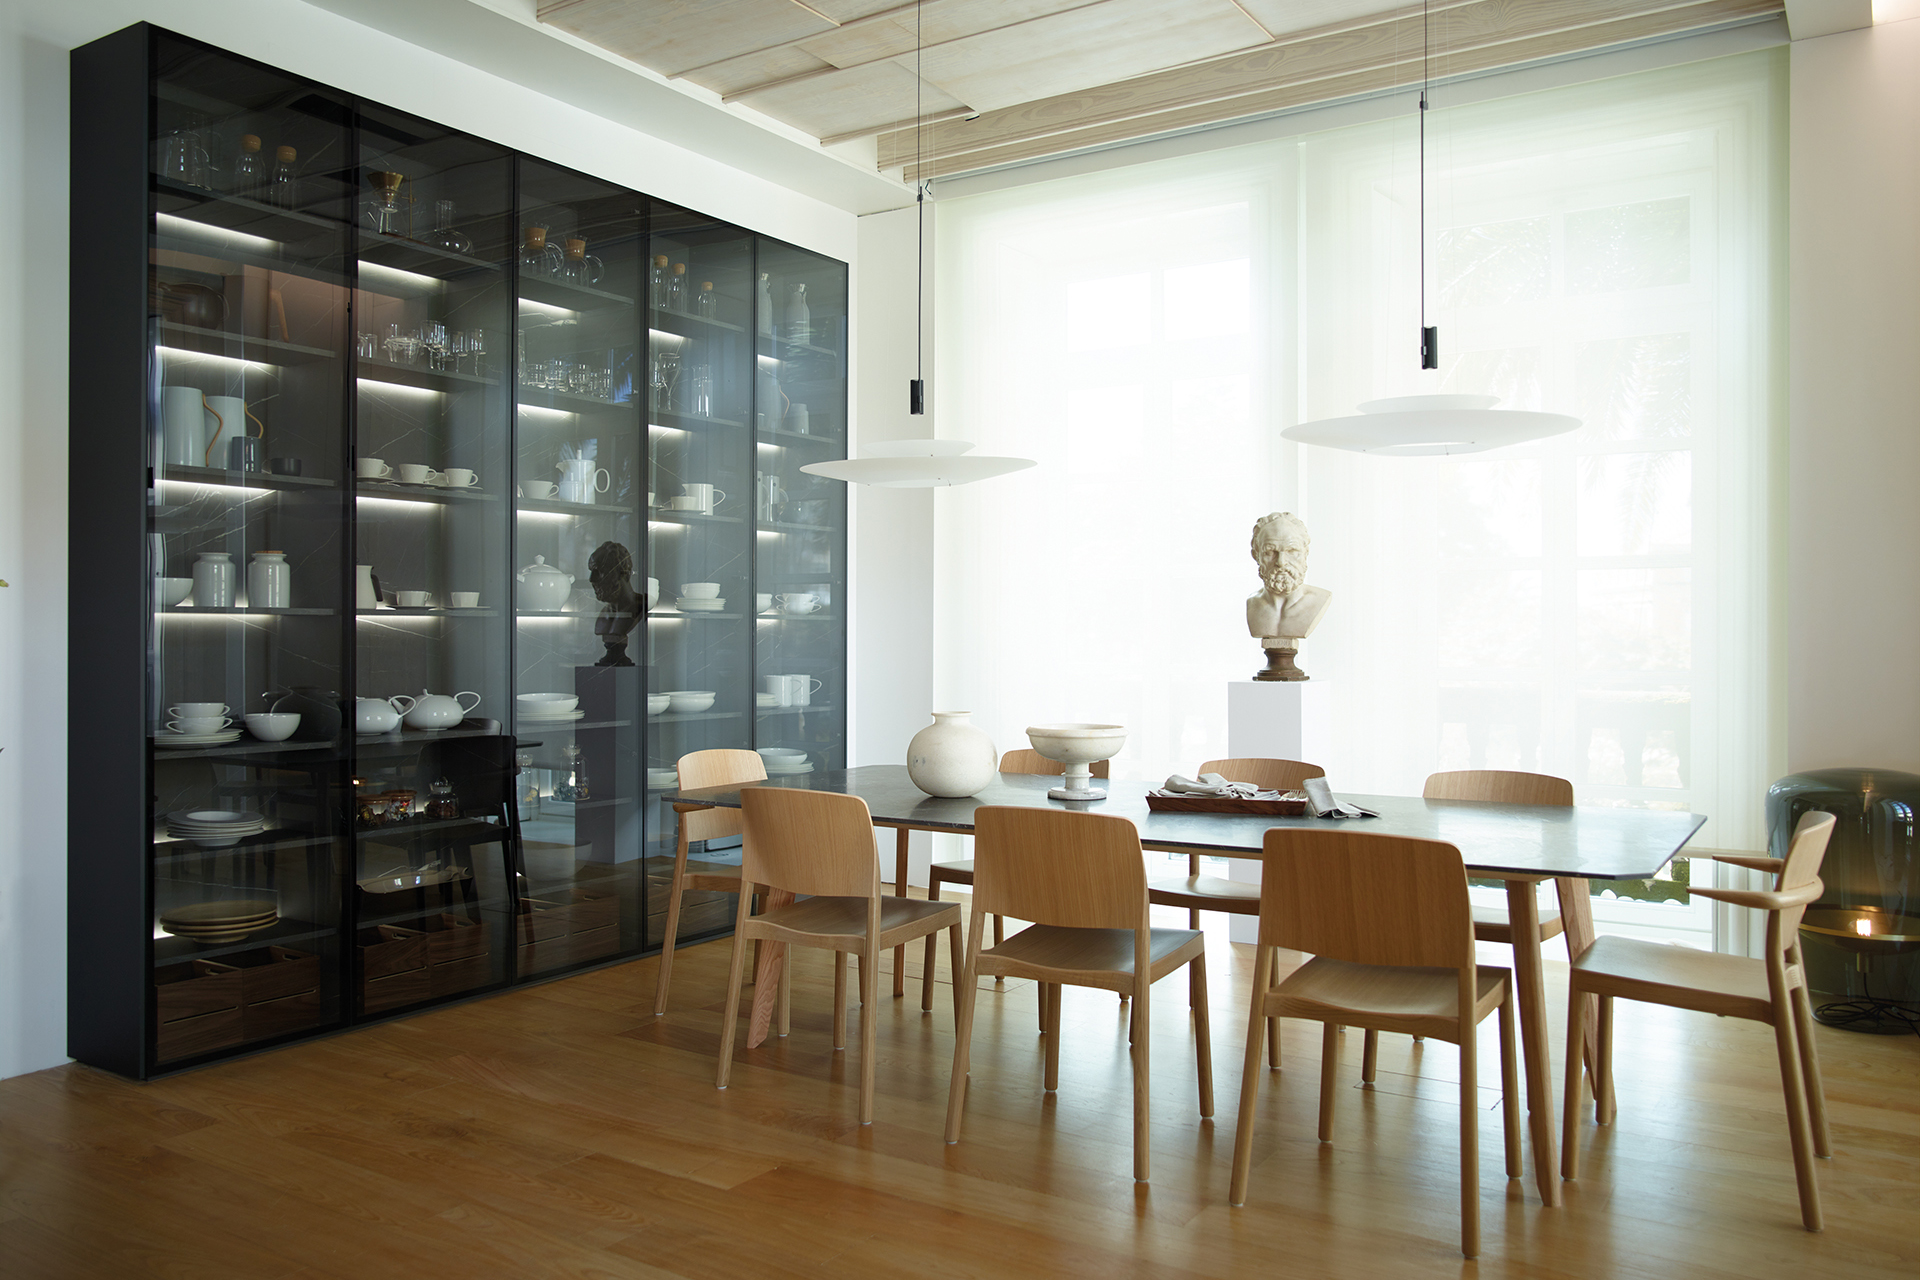 https://santosweb.servidor.gal/es/cocinas/cocina-abierta-al-salon-comedor-con-isla/